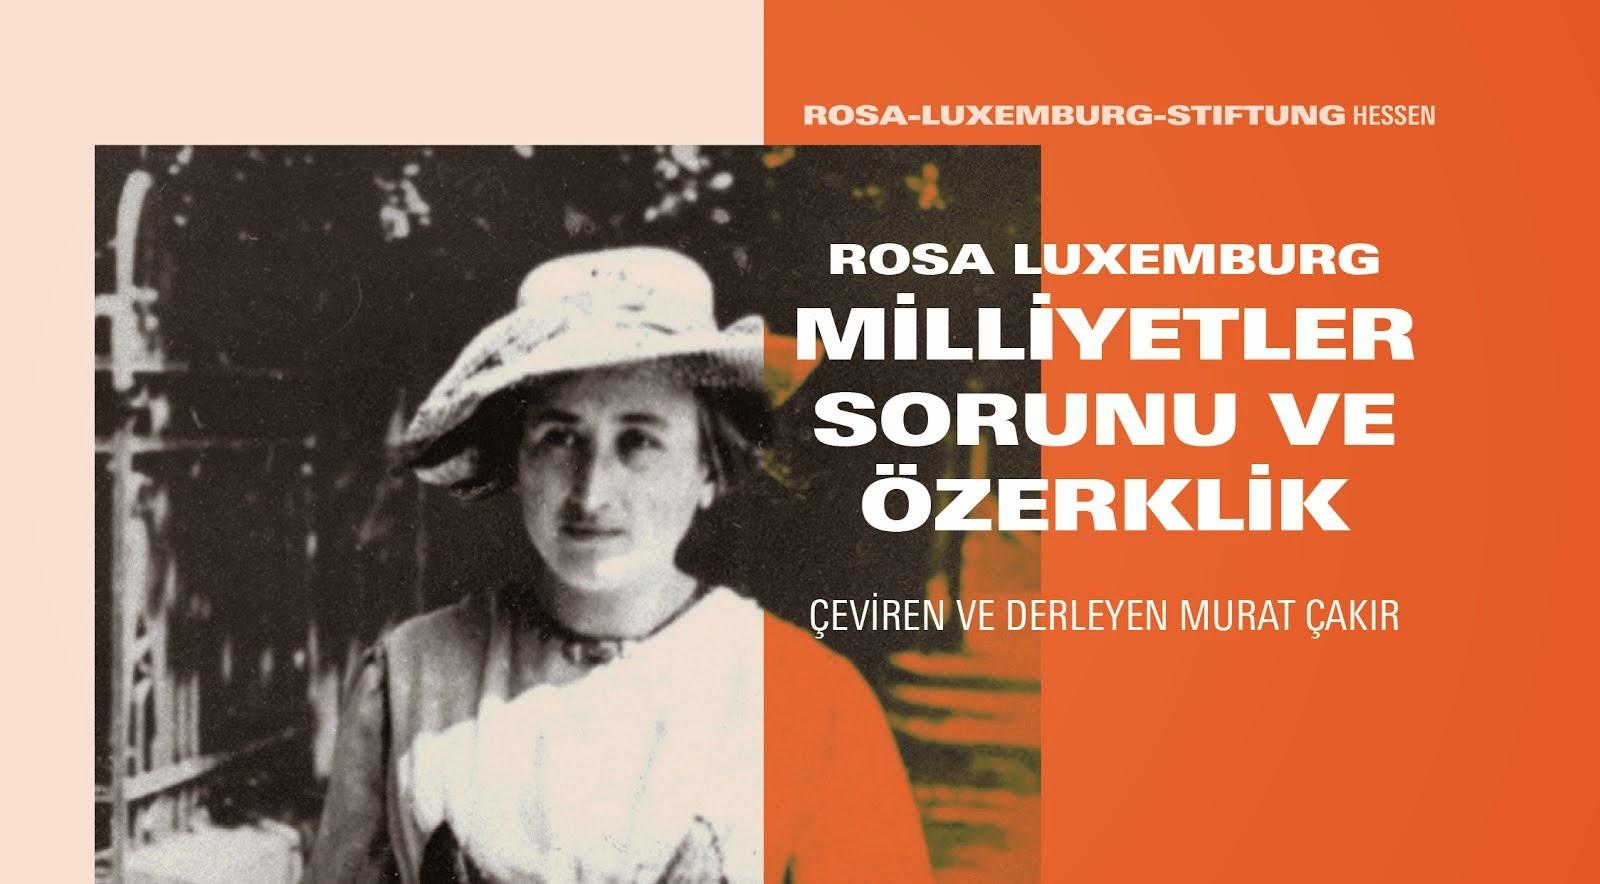 Rosa Luxemburg - Milliyetler Sorunu ve Özerklik